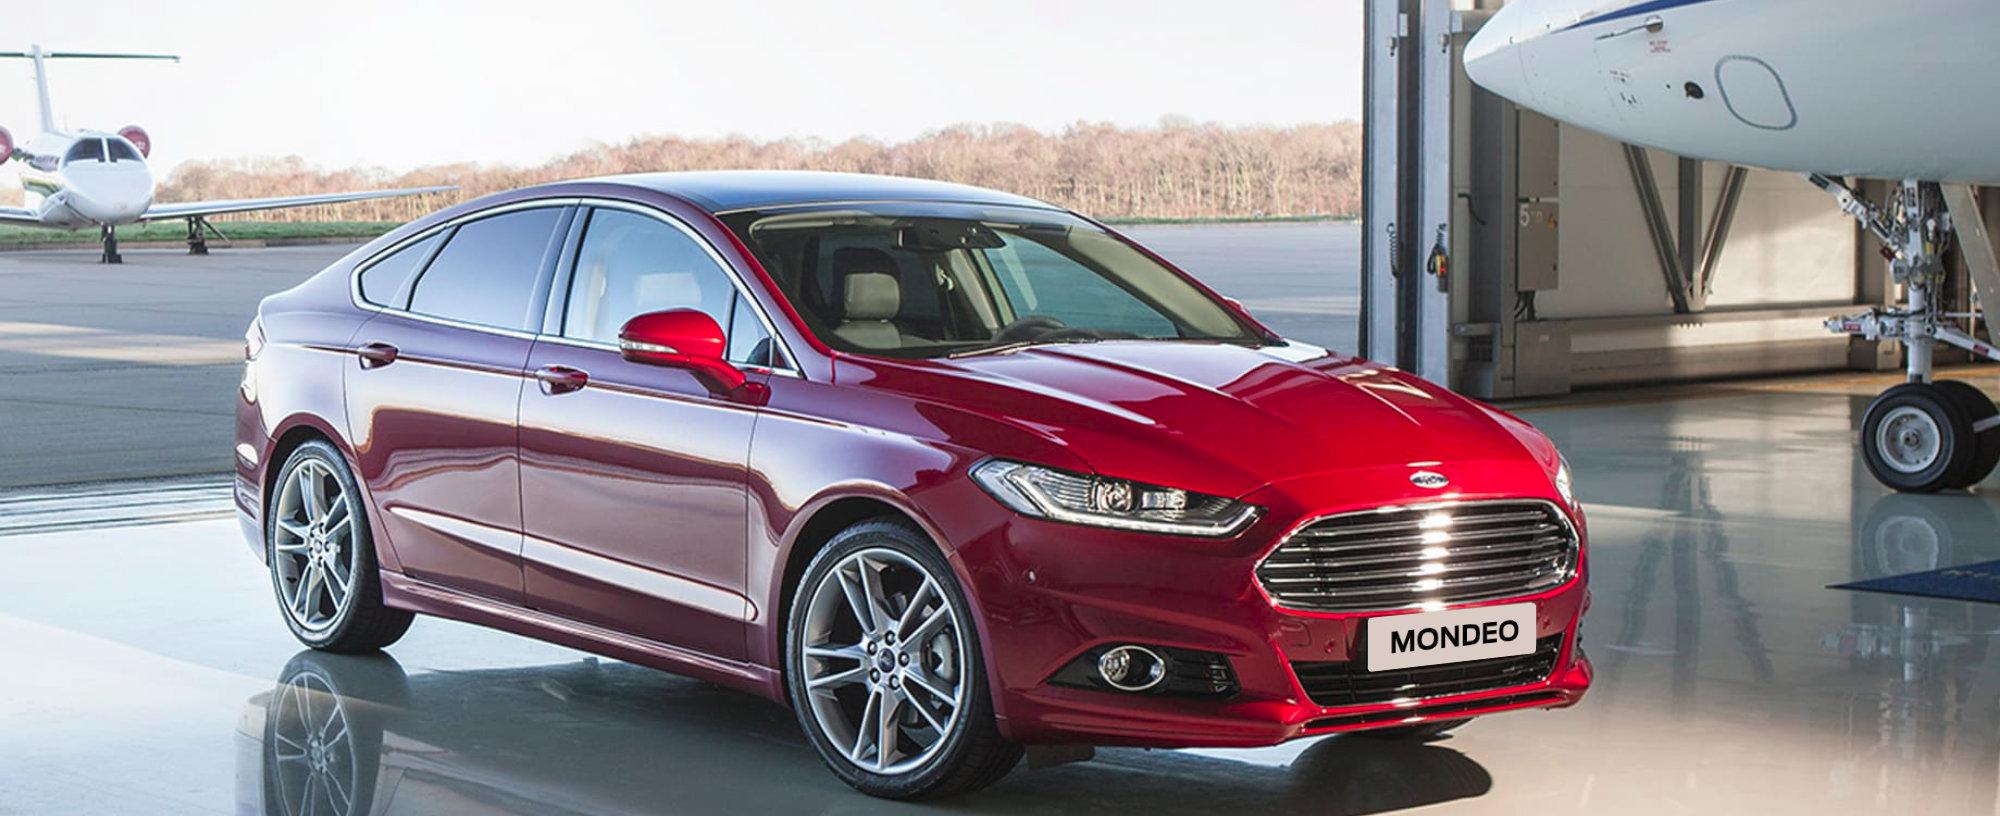 Podstawowa gwarancja Forda